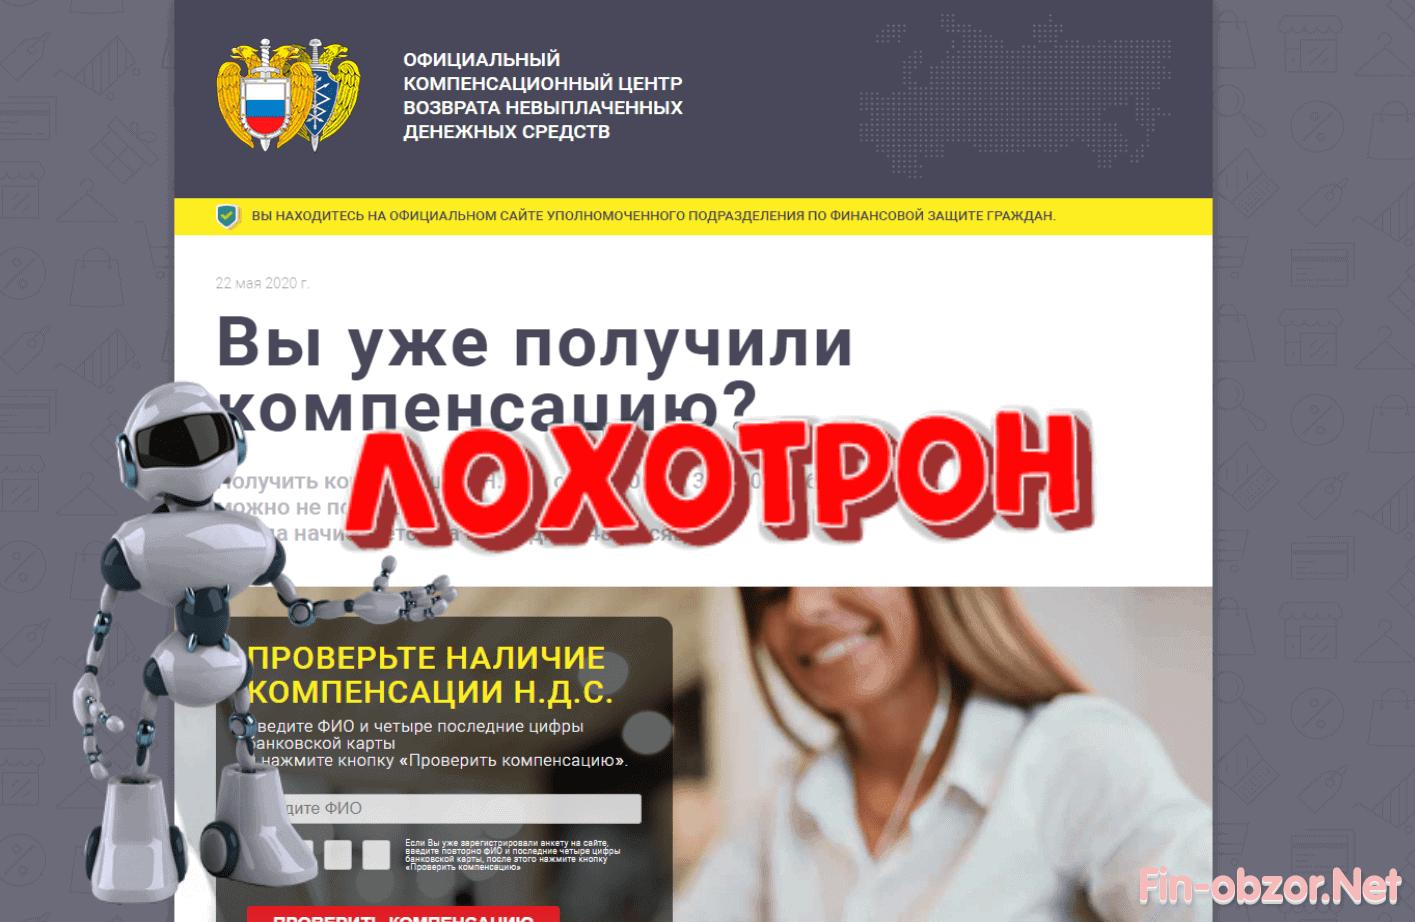 Официальный компенсационный Центр ВНДС возврат не выплаченных денежных средств. Отзывы